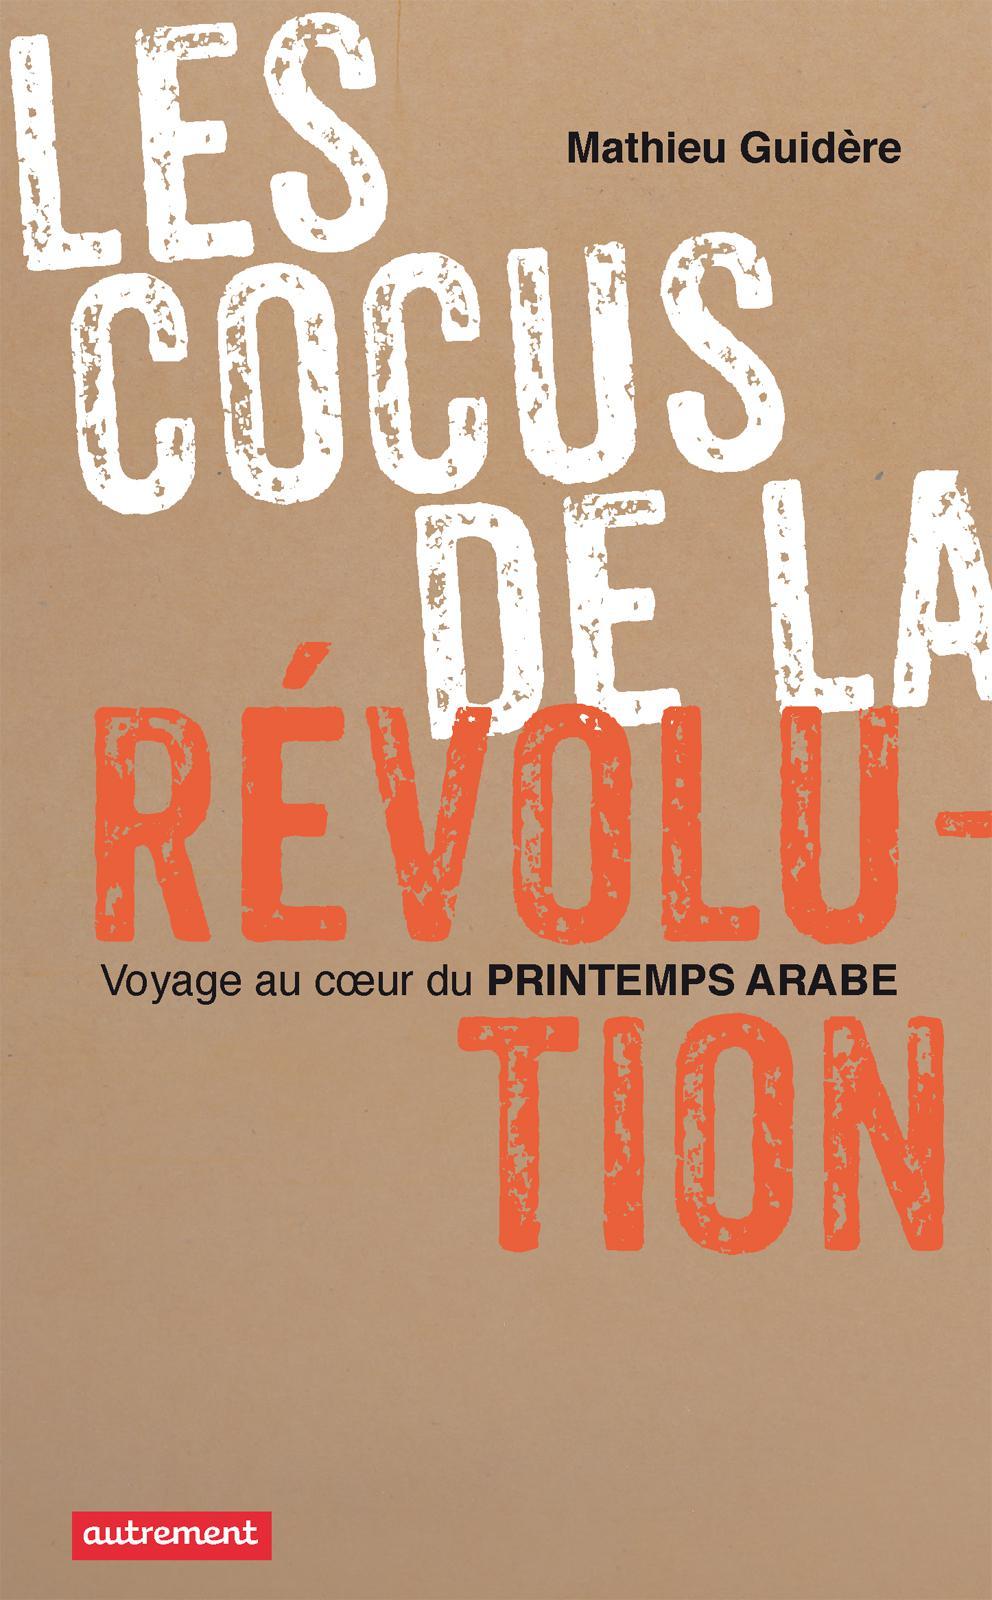 Les cocus de la révolution, VOYAGE AU COEUR DU PRINTEMPS ARABE